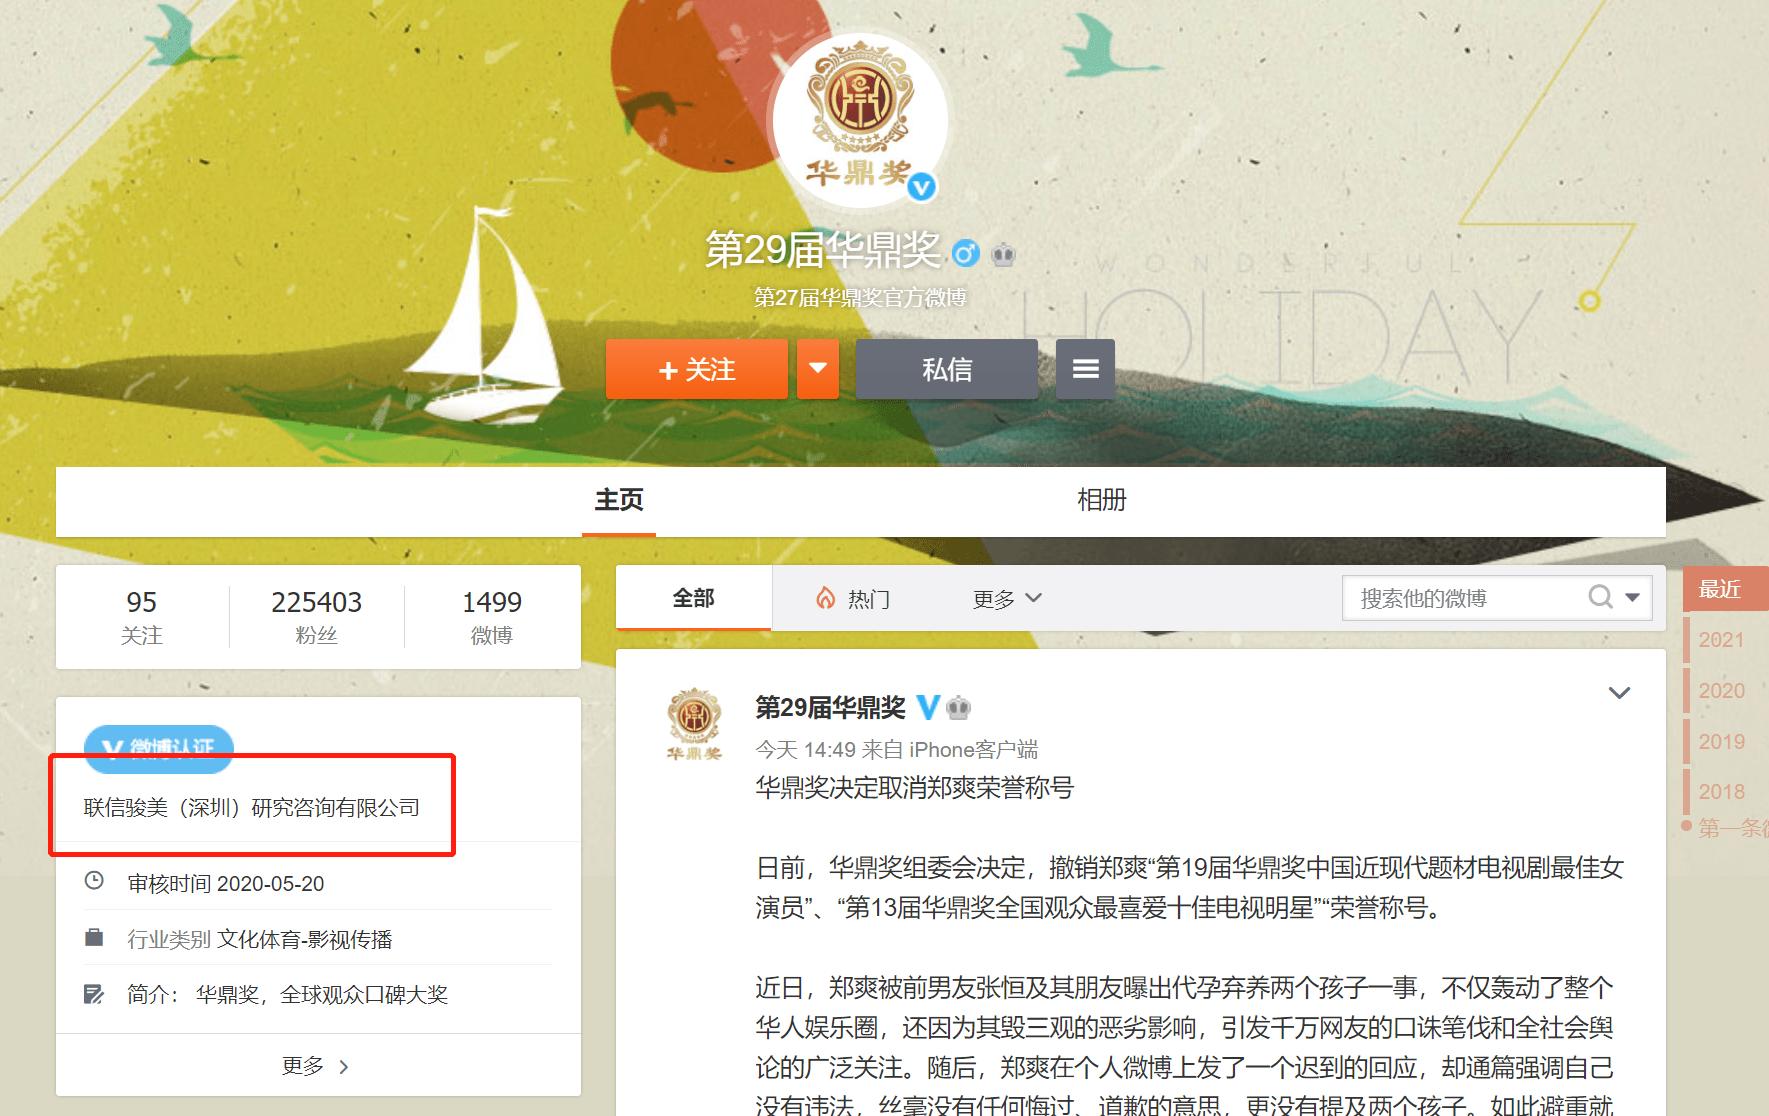 """郑爽奖项被撤销后,华鼎奖反被扒是""""野鸡奖"""",曾因违规被叫停  第15张"""